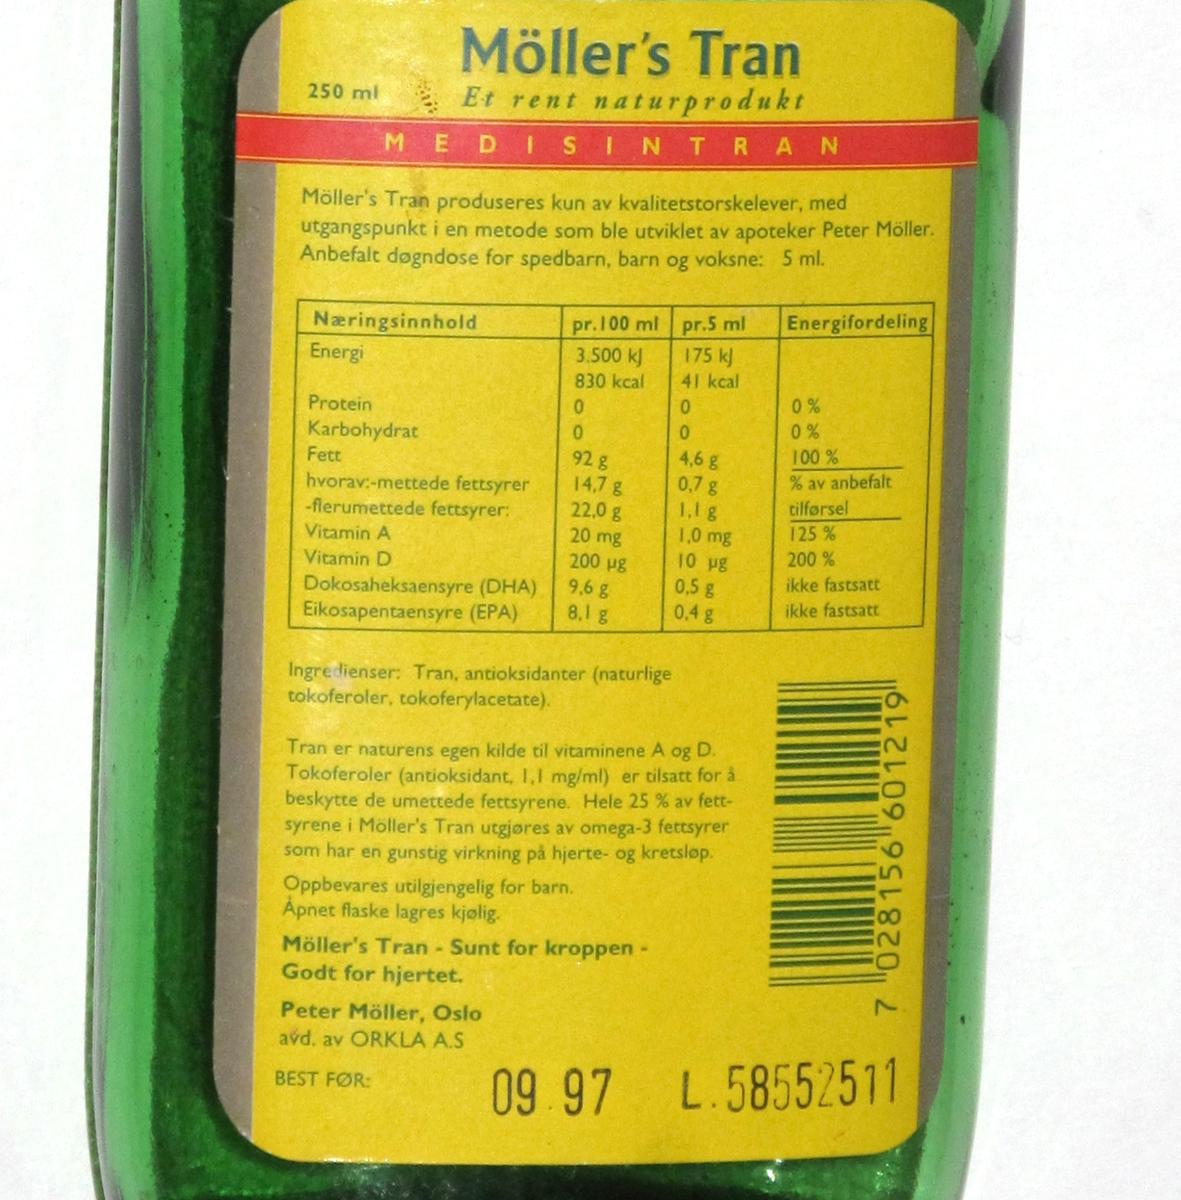 Flaske av grønnfarget glass, med gul etikett, til  tran. 250 ml.  Etikett med opplysninger om  innhold og oppbevaring, varemerke, utmerkelser og strekkode.